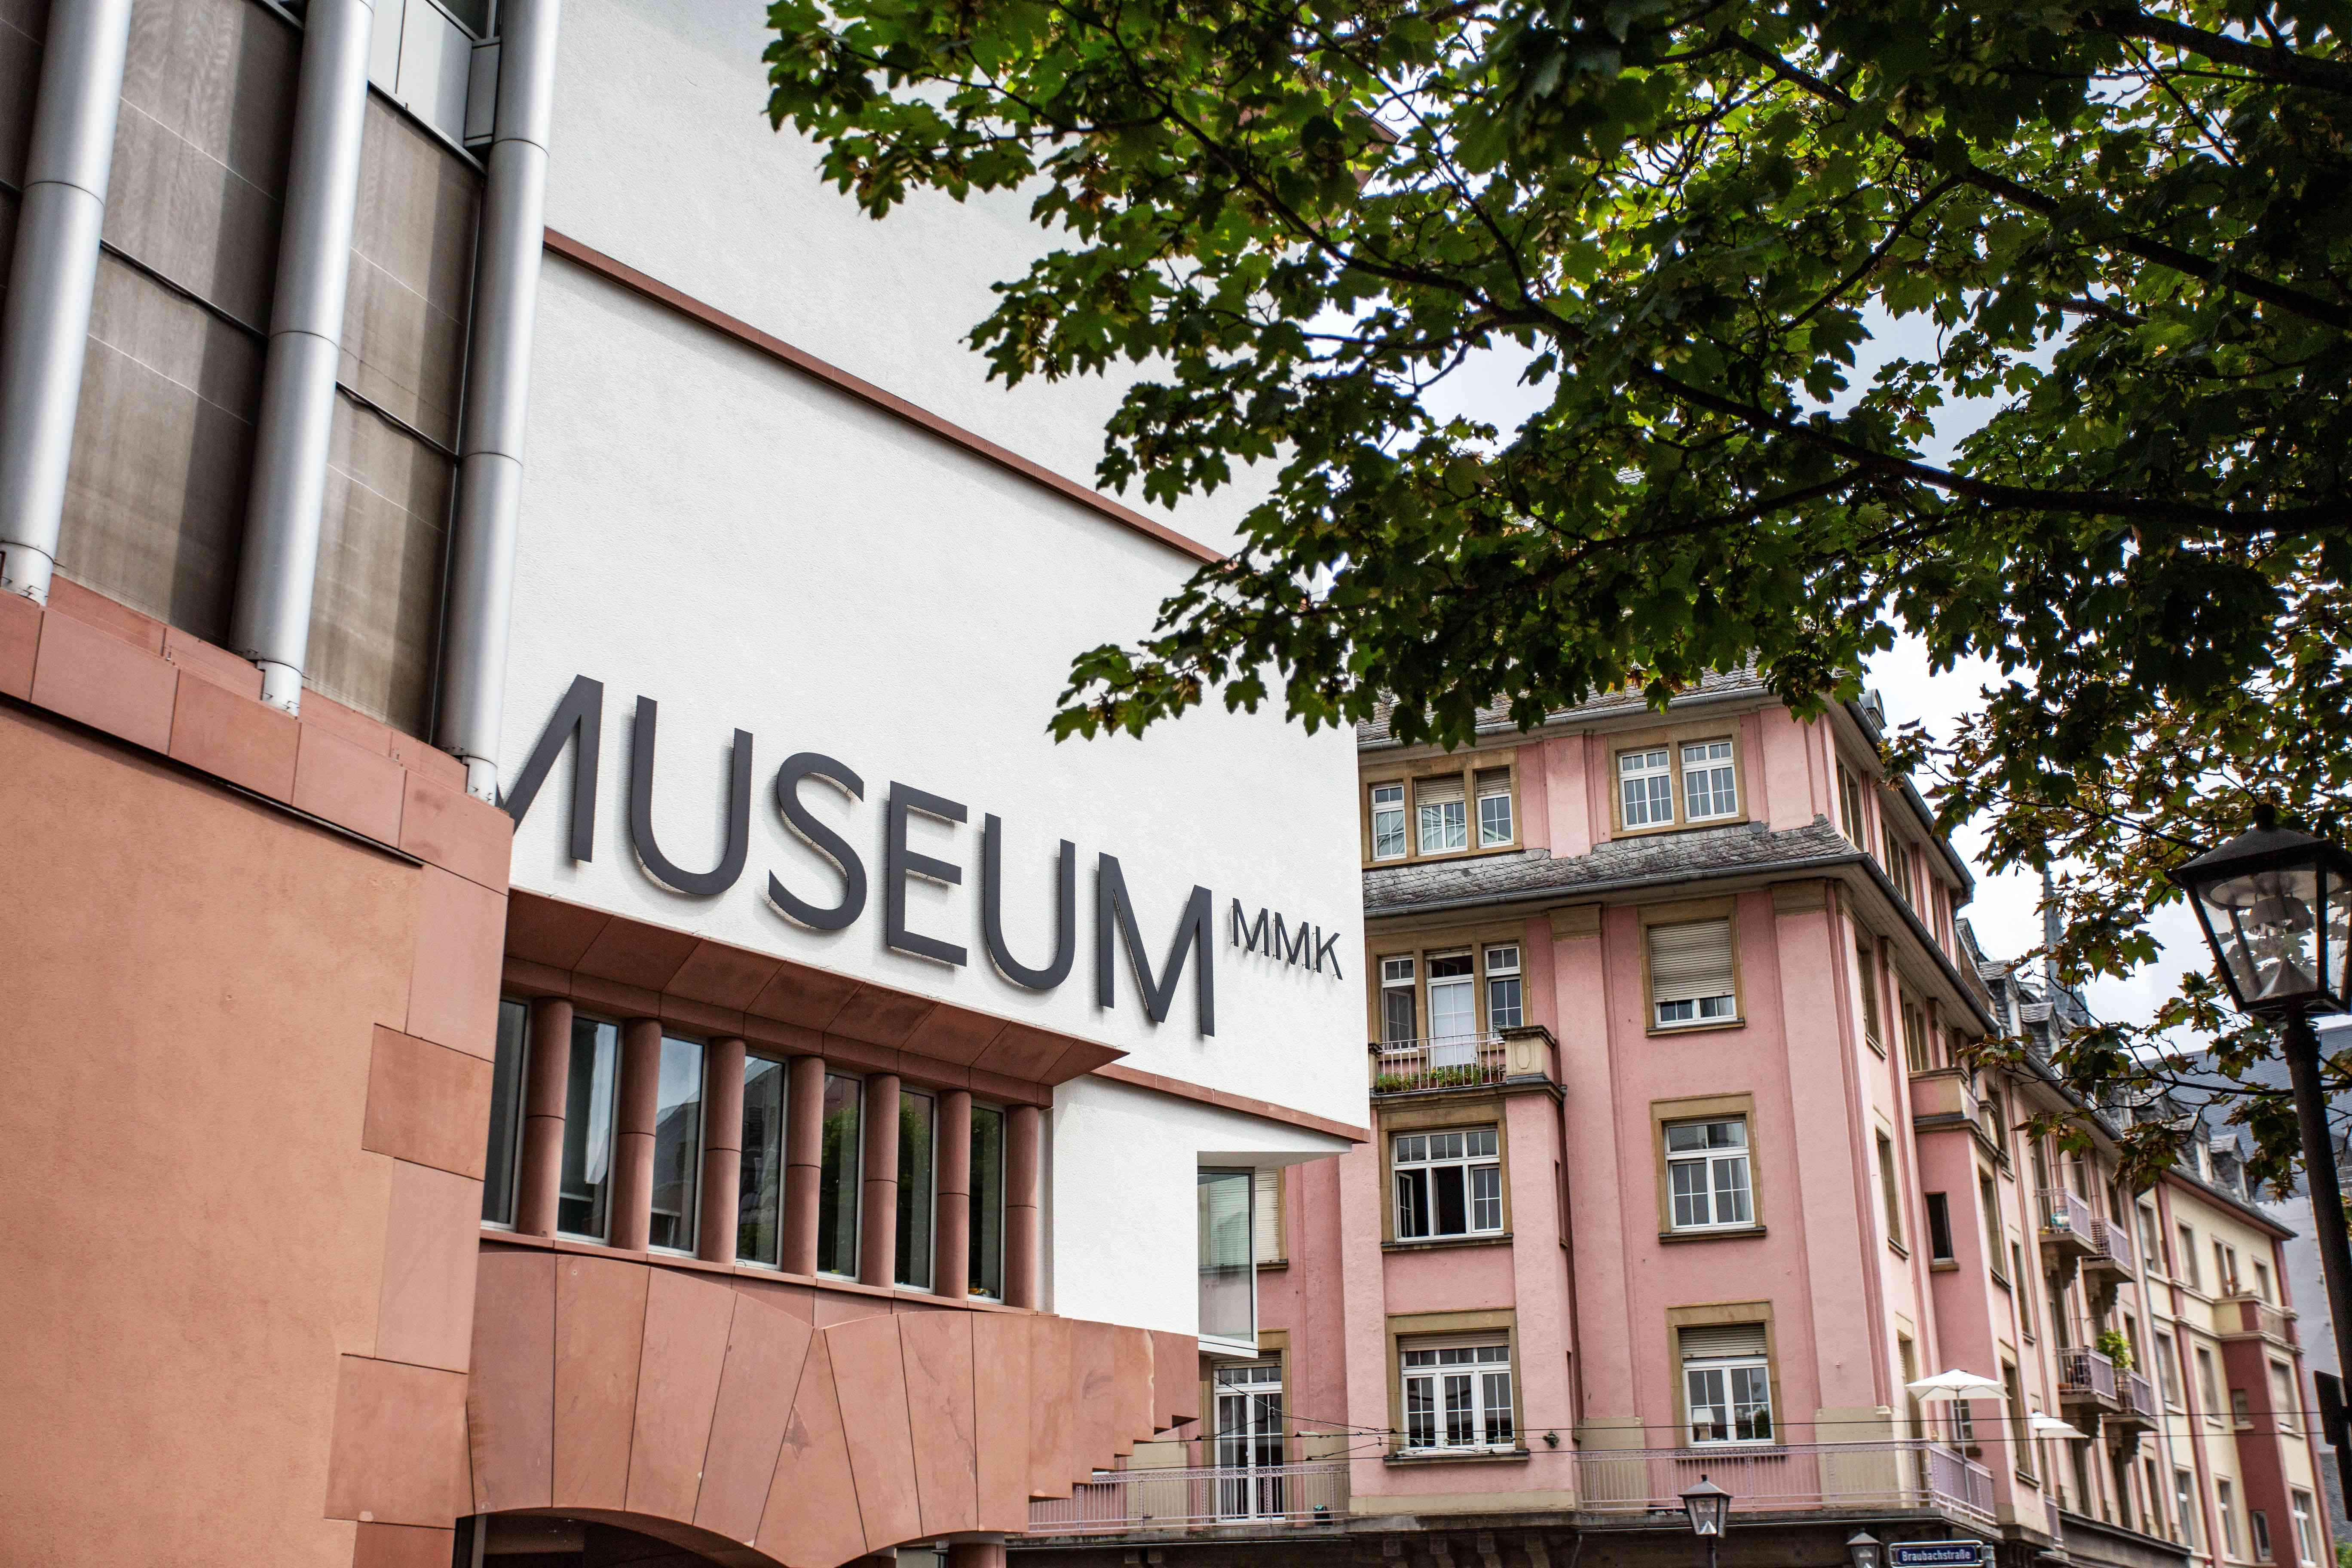 Exterior of Museum of Modern Art